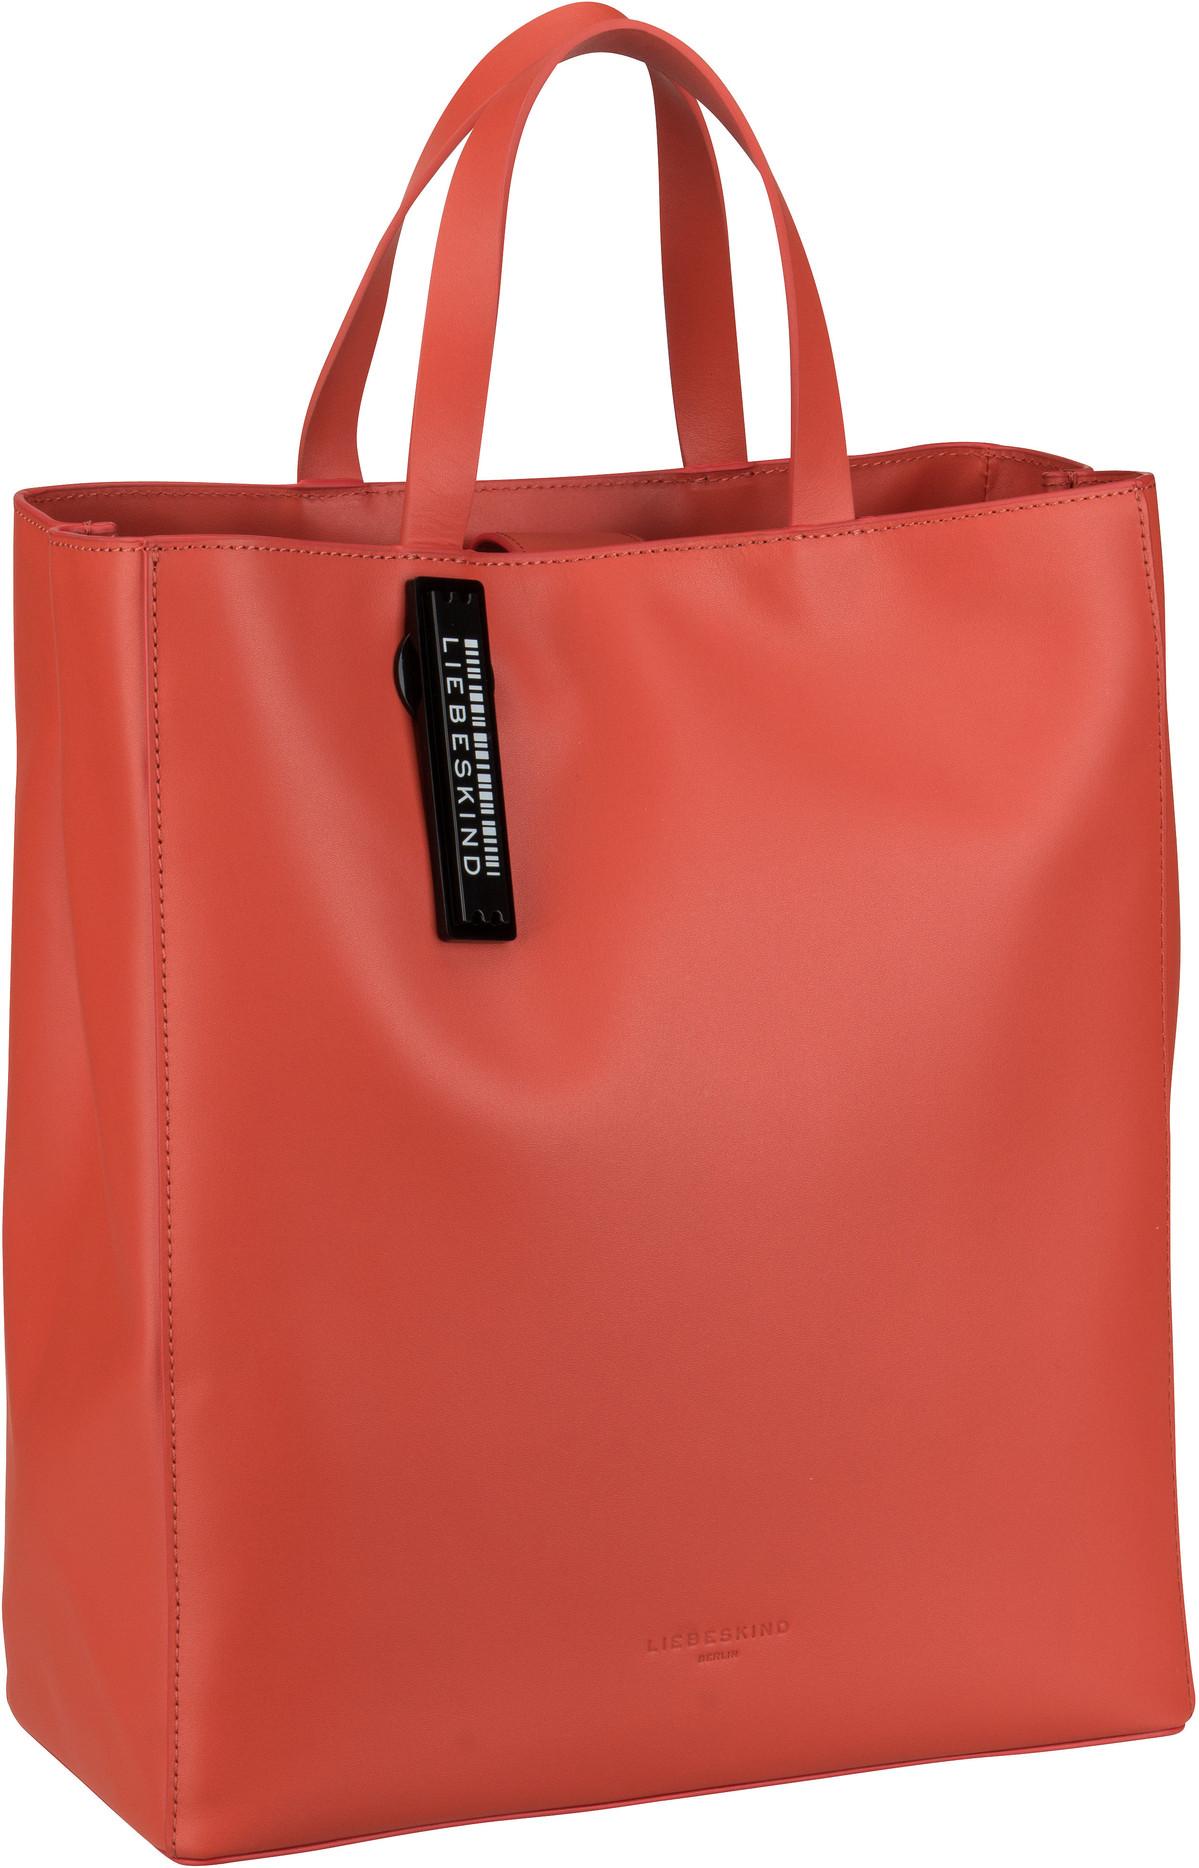 Berlin Handtasche Paper Bag Tote M Poppy Red